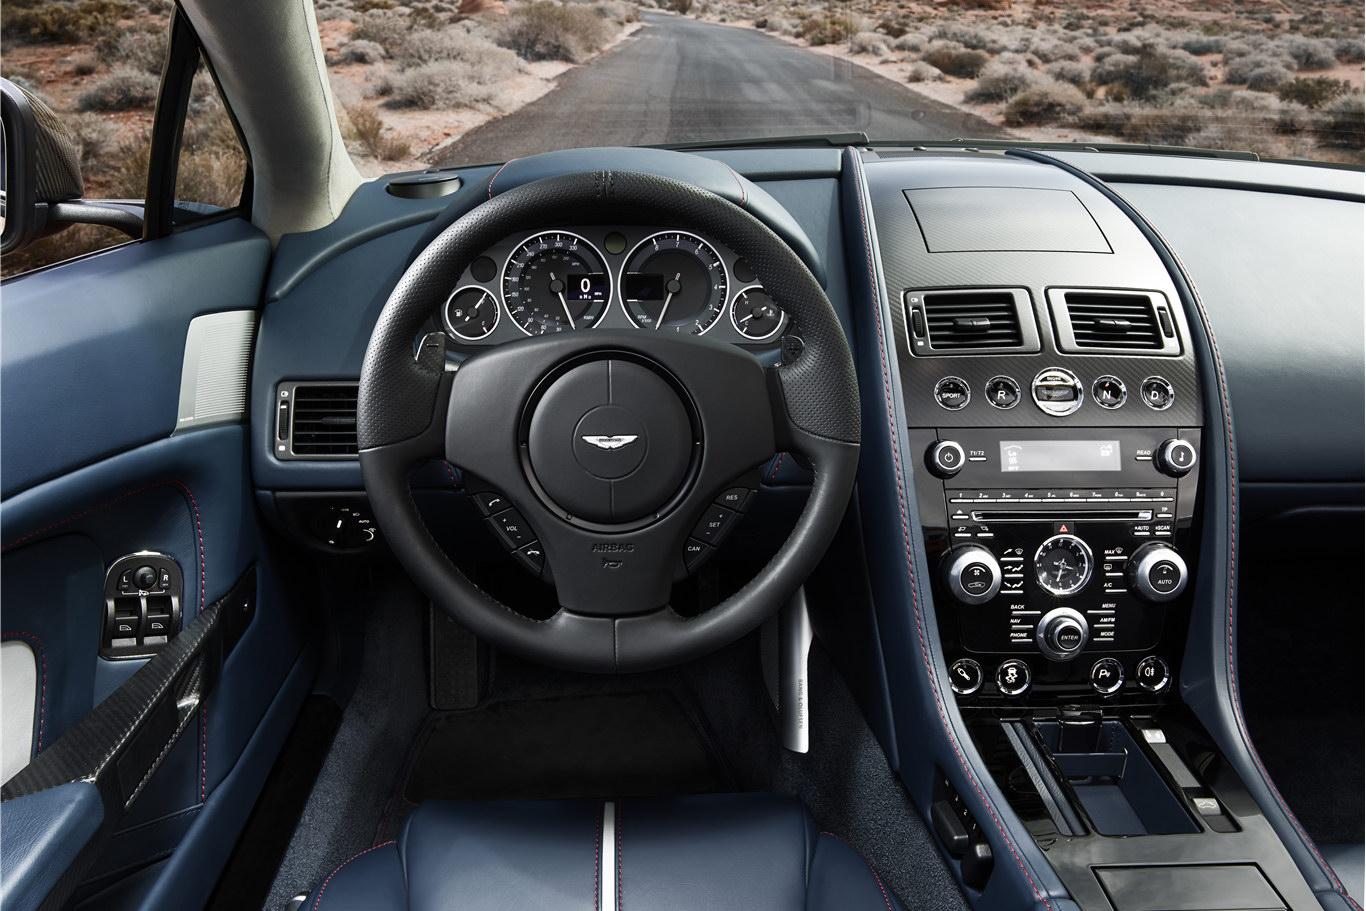 2016 Aston Martin V12 Vantage Interior